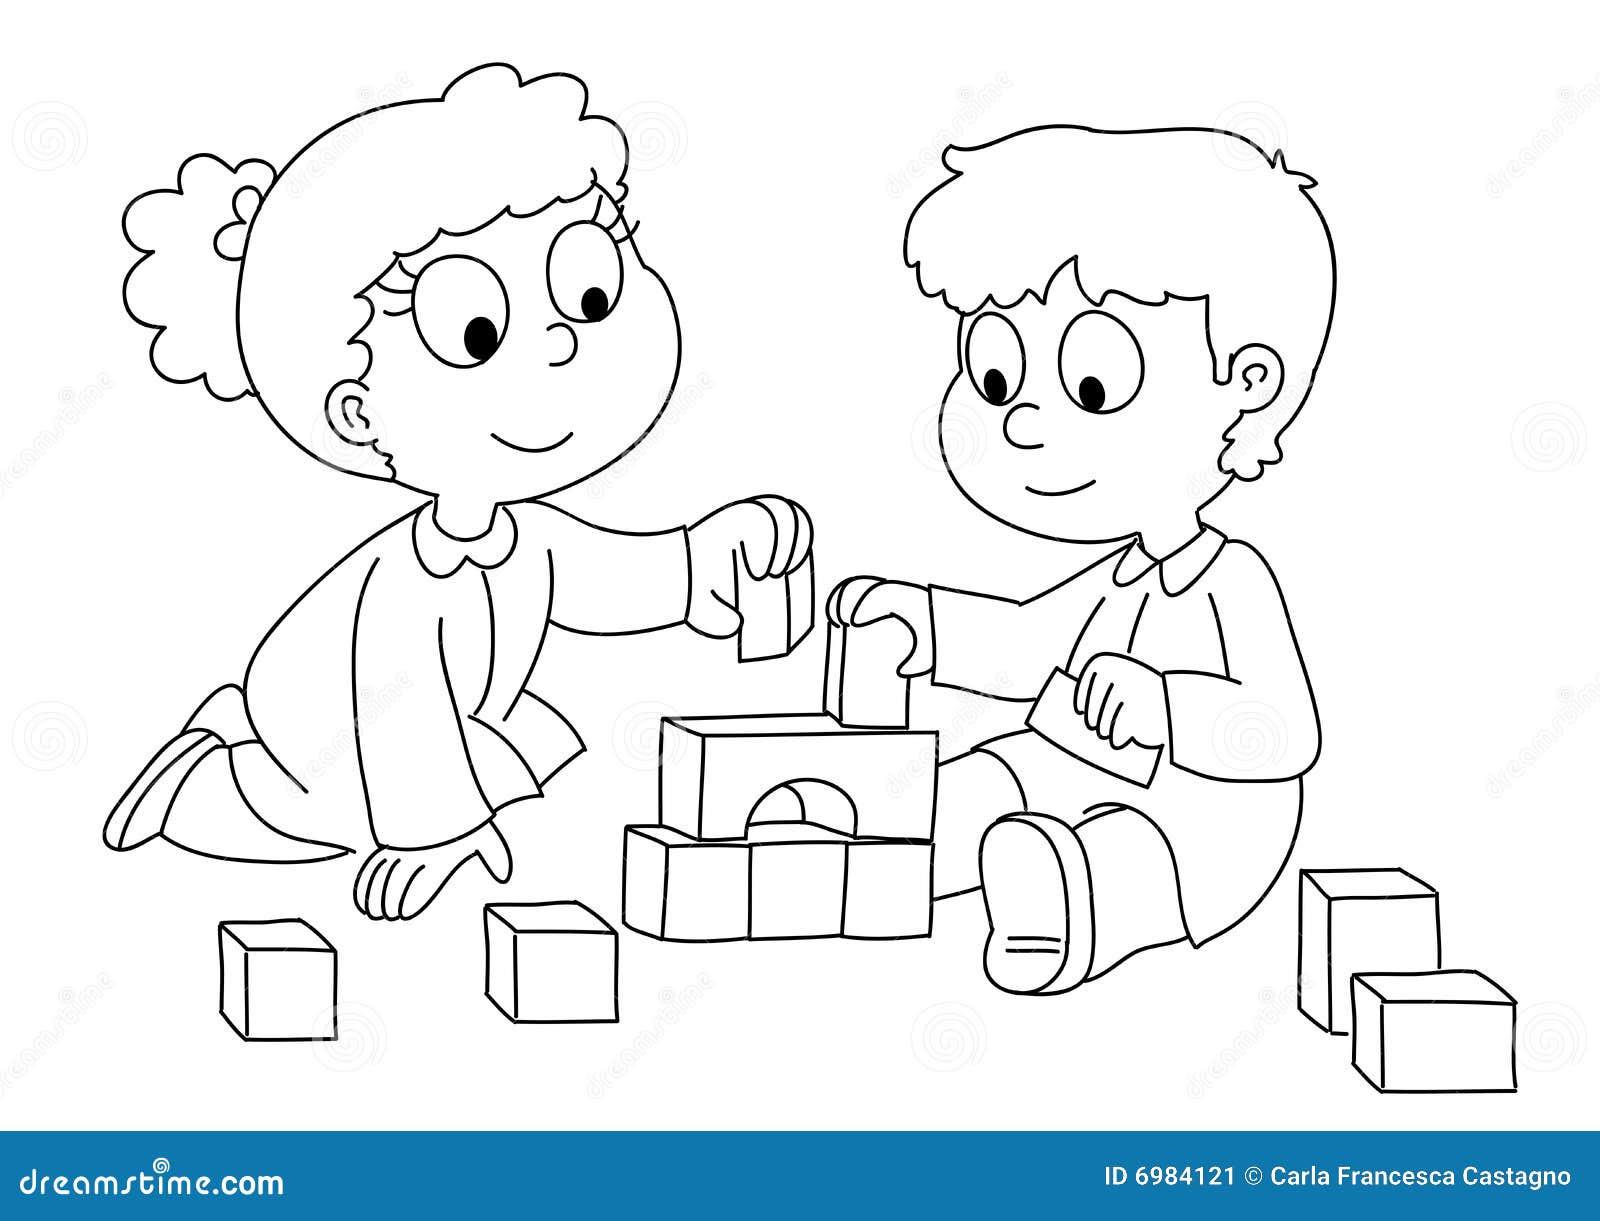 Disegno Di Carletto Il Bambino Che Gioca Da Colorare Coloradisegni